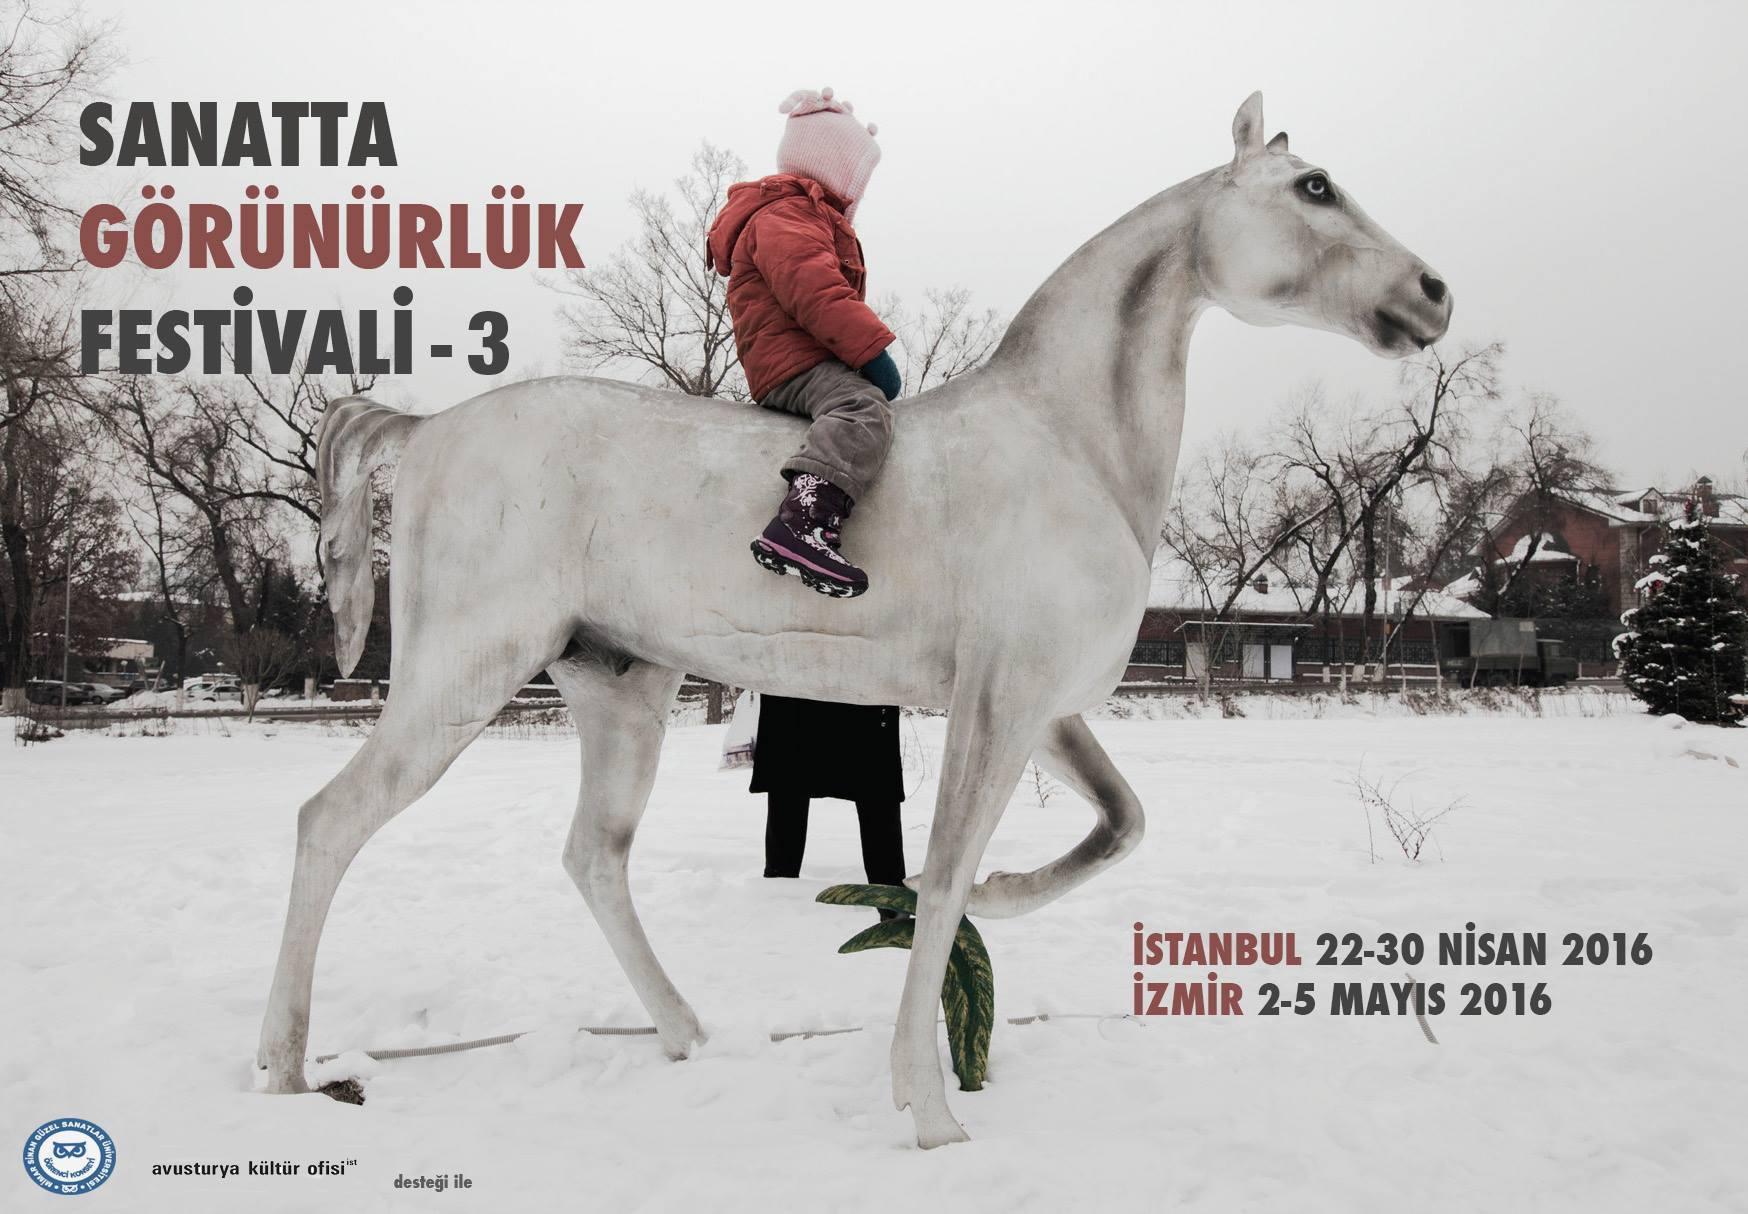 Sanatta Görünürlük Festivali-3